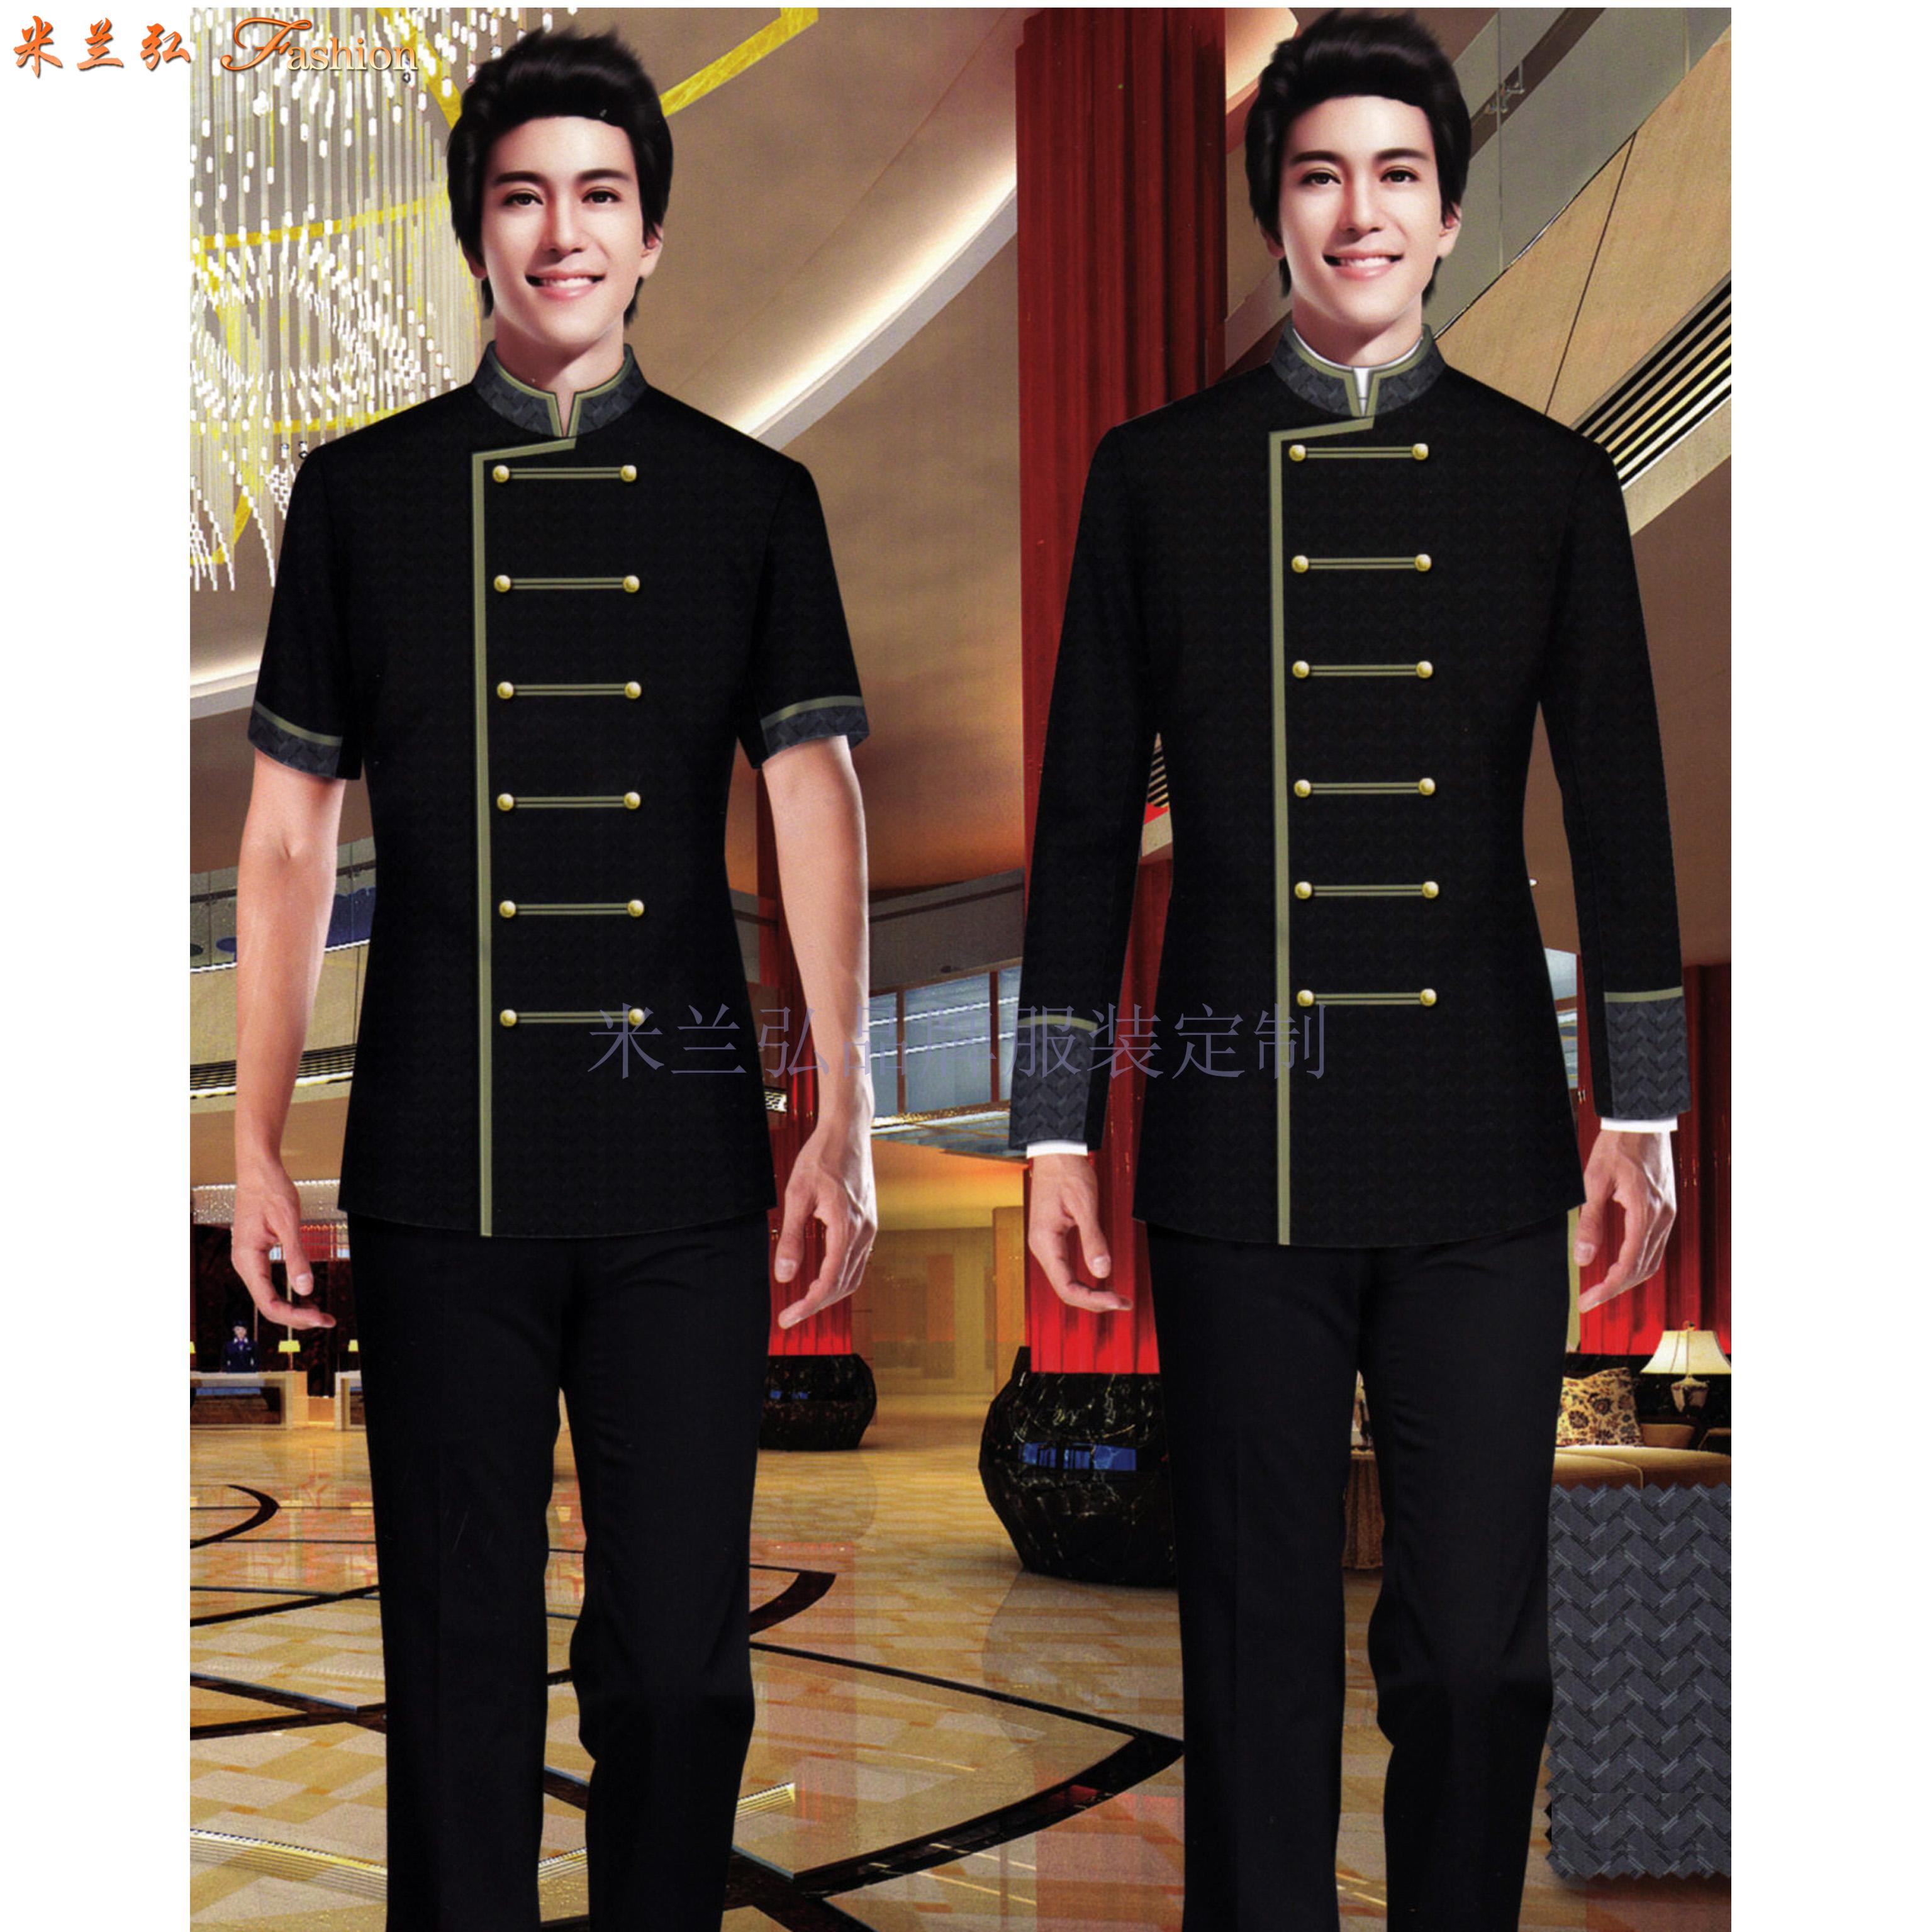 酒店門童服裝訂做 圖片_價格_參數_面料_尺寸-米蘭弘服裝-4